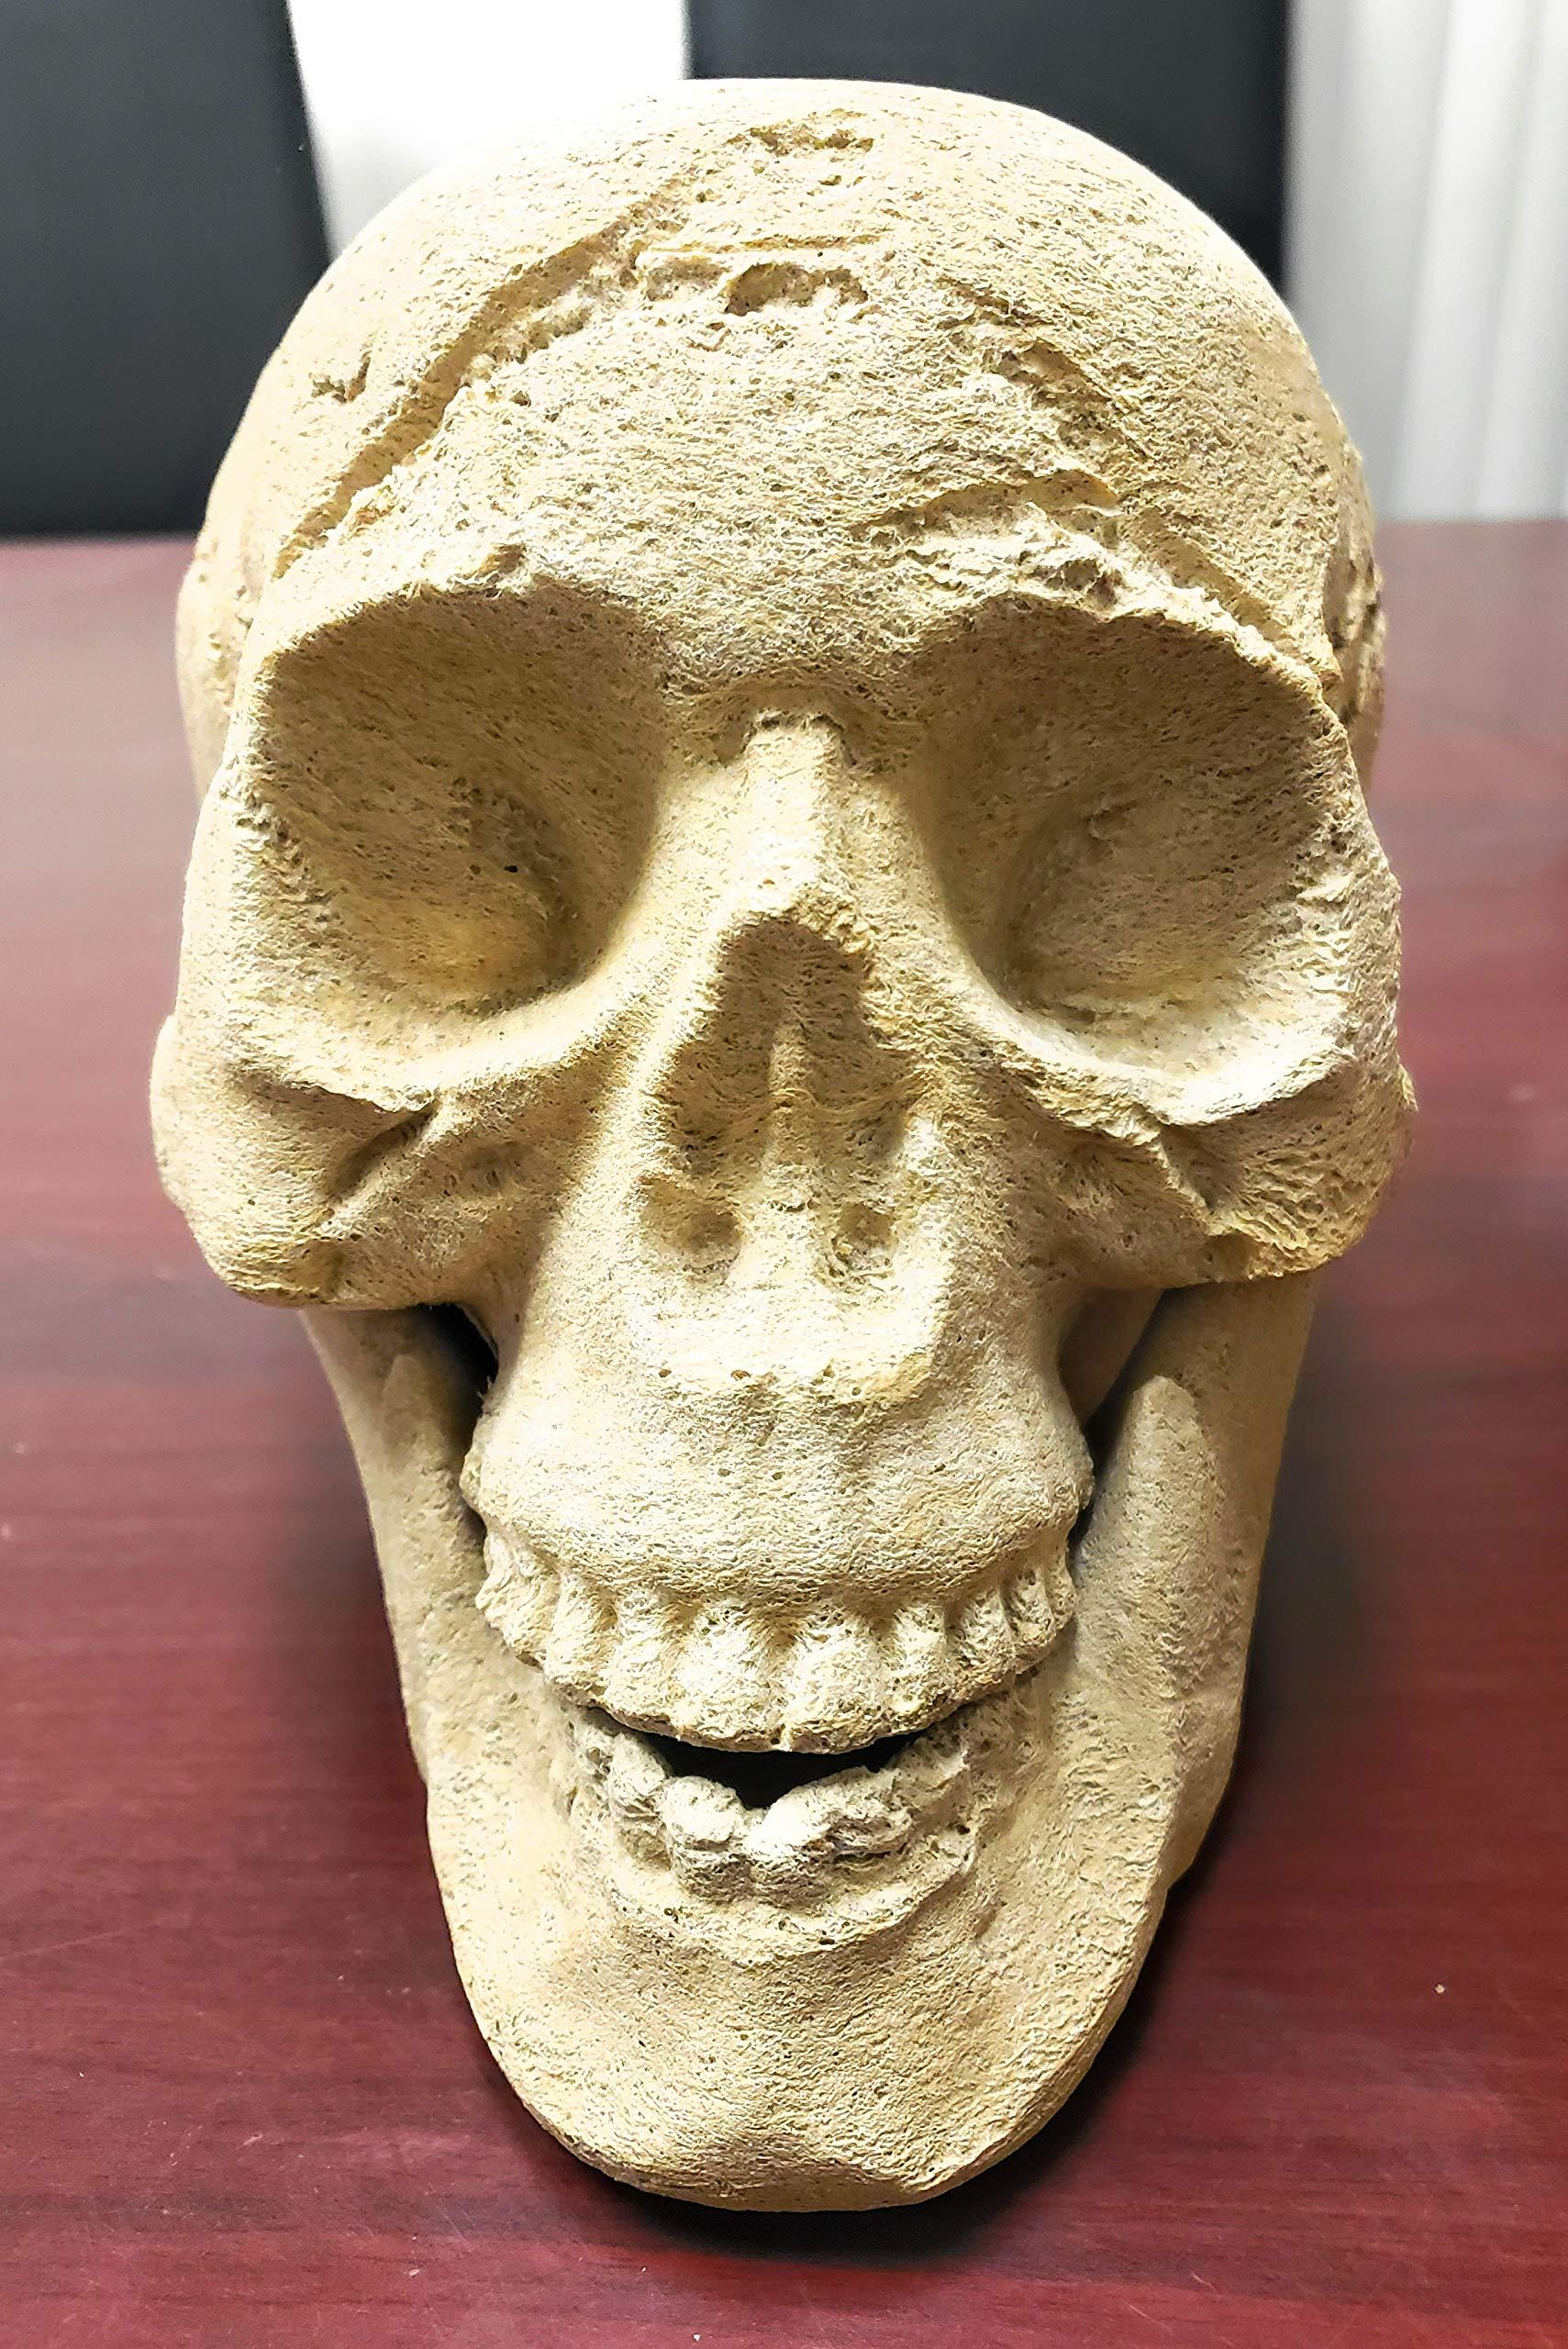 Natural Color Ceramic Fireplace Skull - Designed for Fireplaces and Fire Pit Ceramic Skull by Fire On Glass